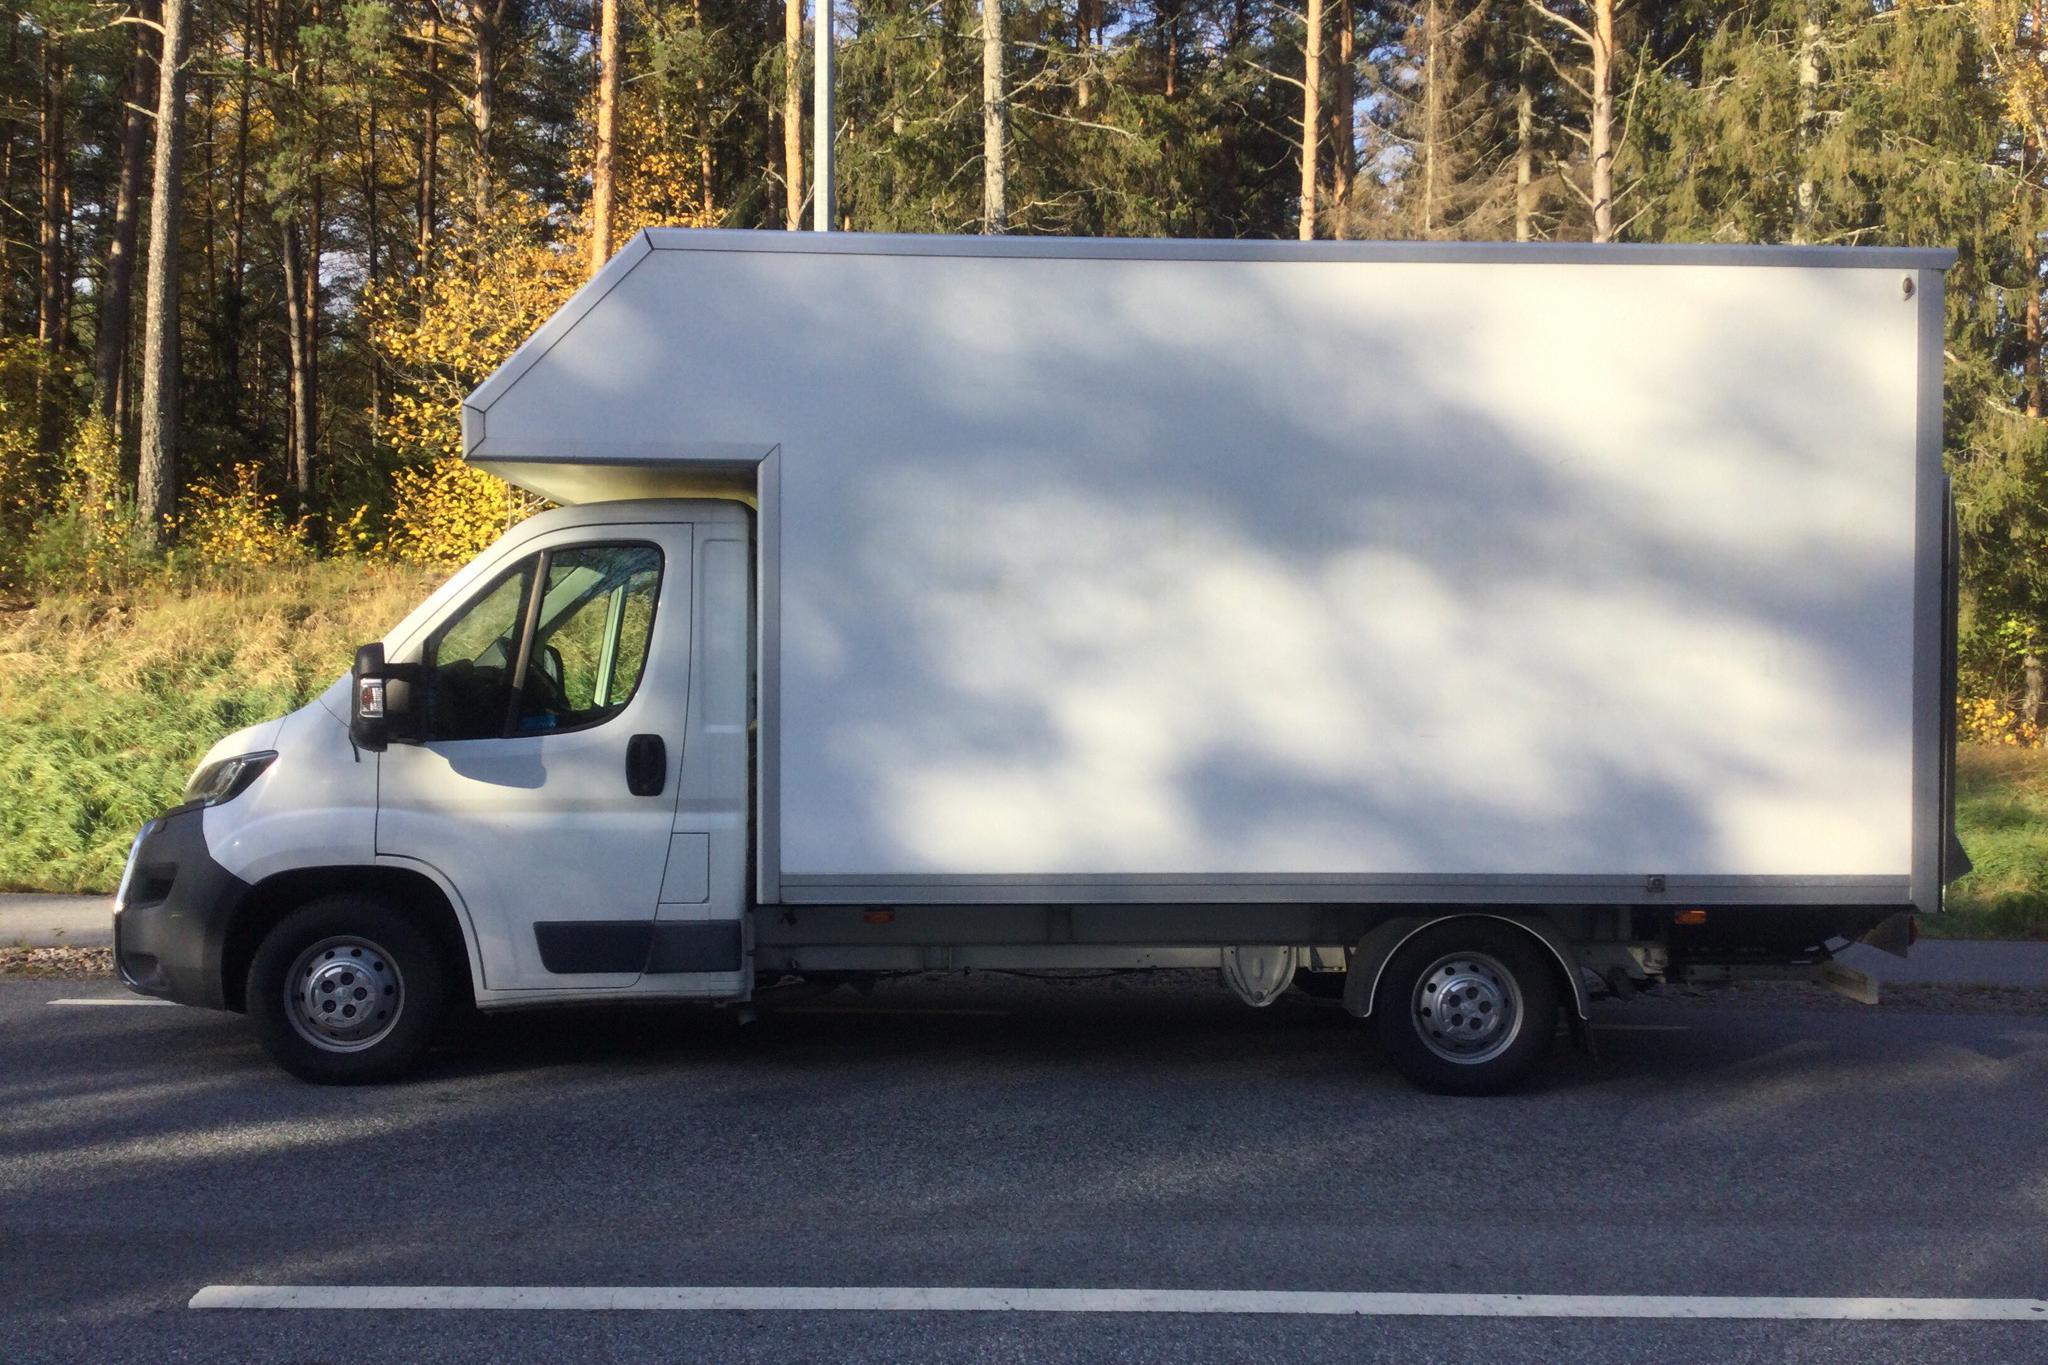 Peugeot Boxer 335 HDI BlueHDi Volymskåp (130hk) - 7 239 mil - Manuell - vit - 2017